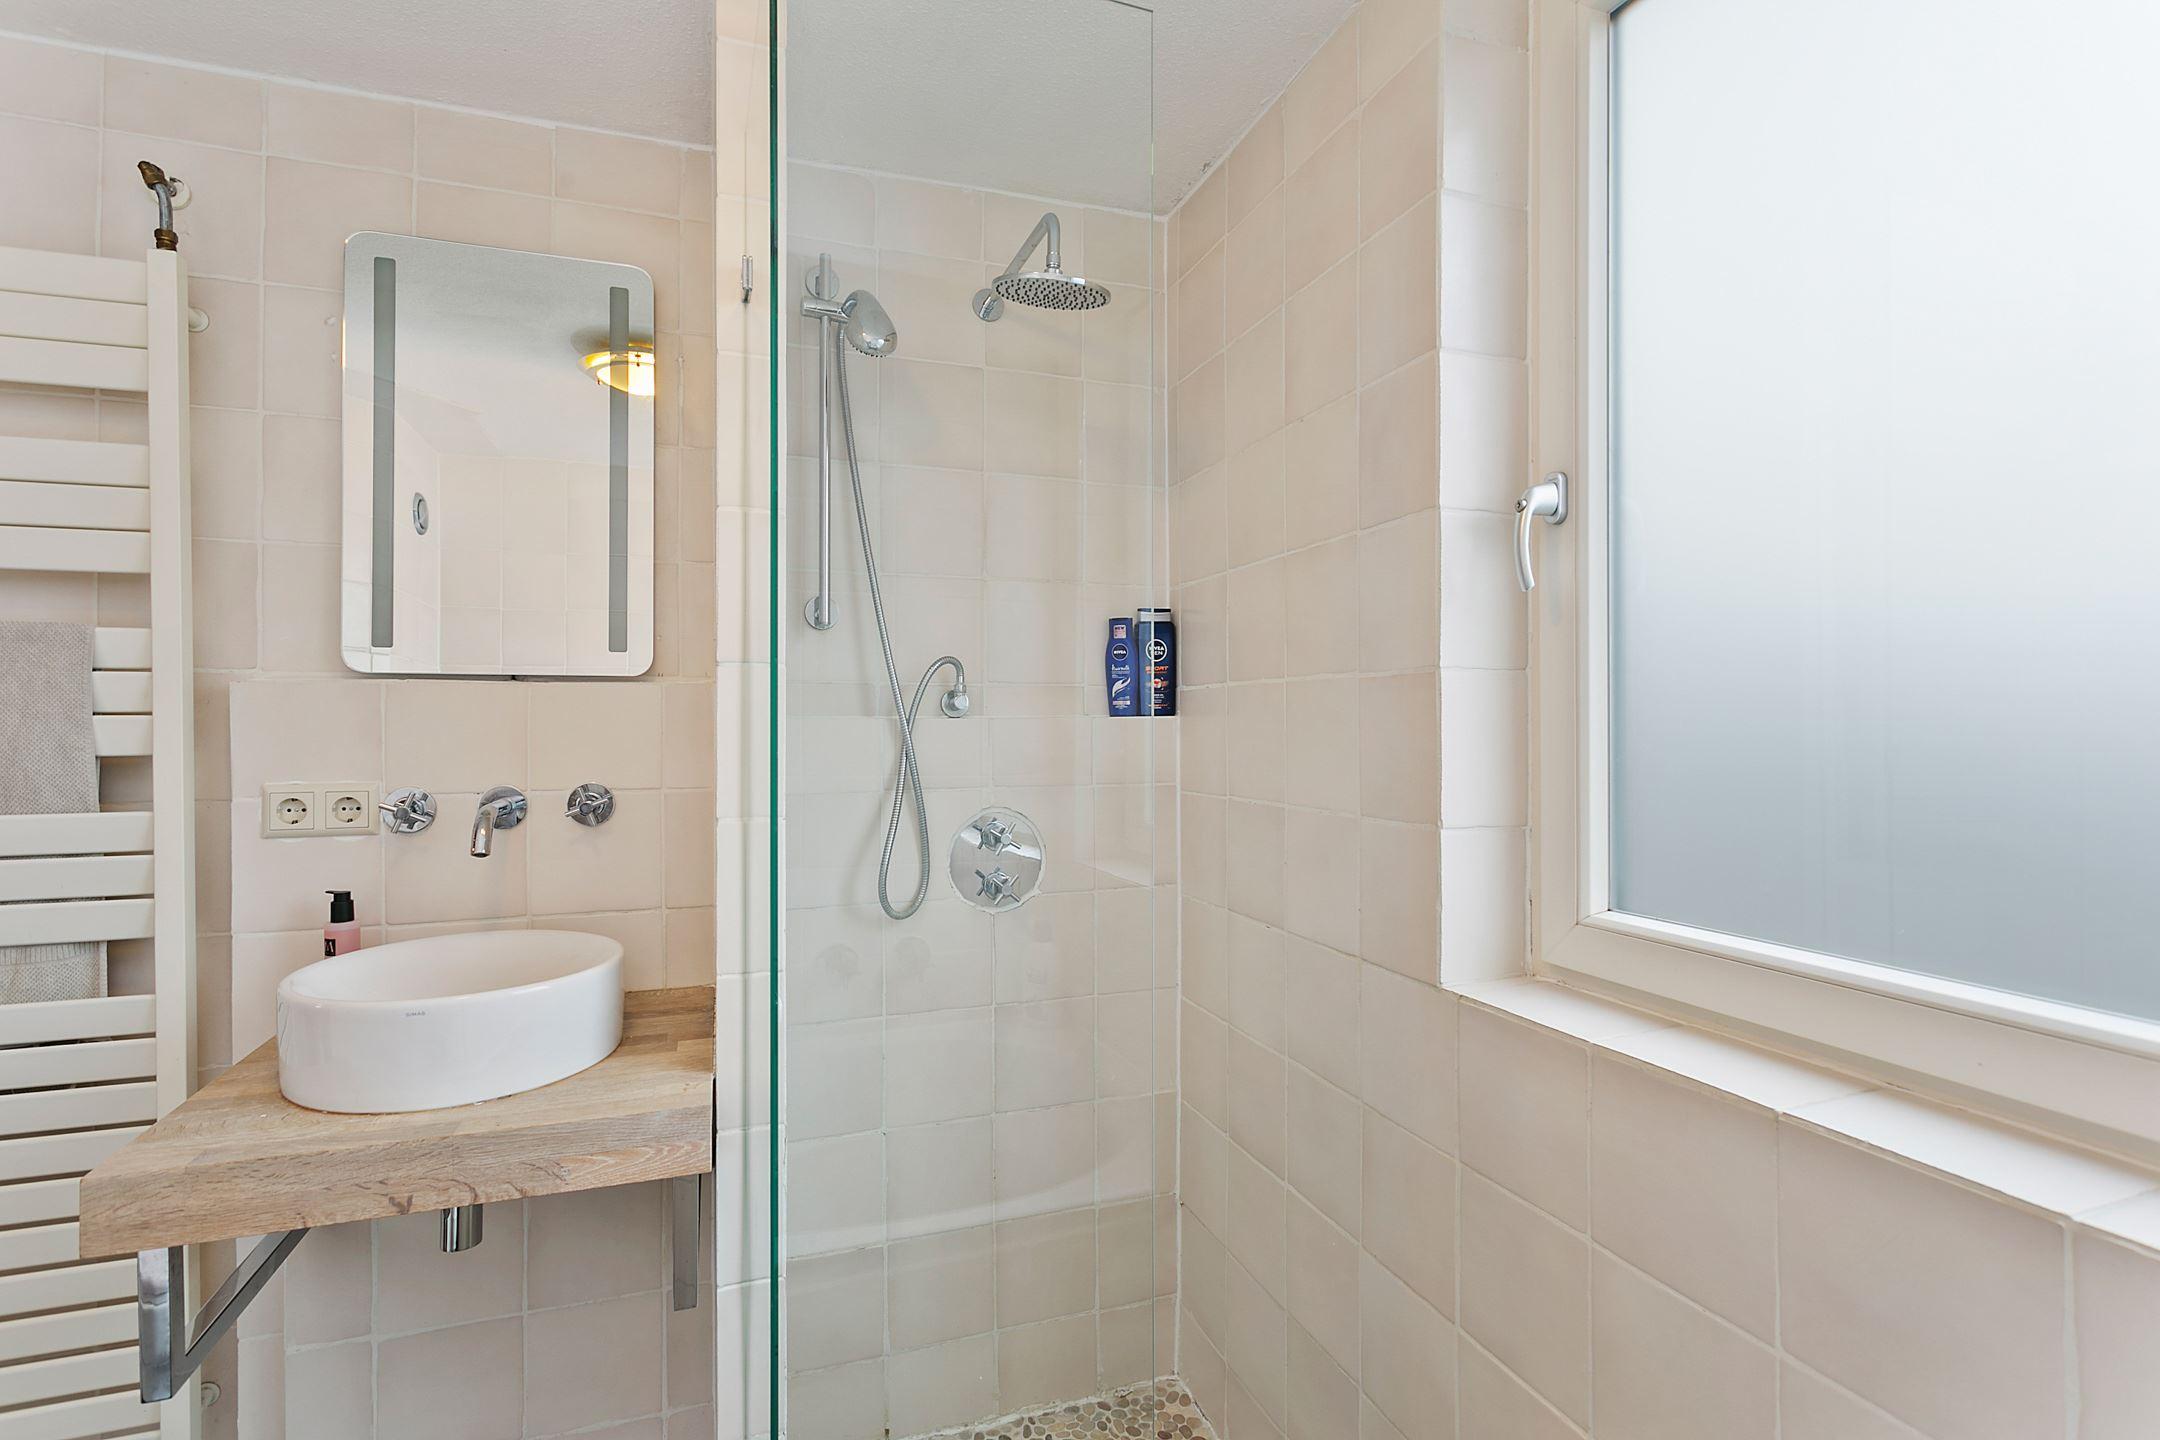 Travertin Vloer Badkamer : Vloer schrobben best voegen vieze voegen in onze badkamer dat